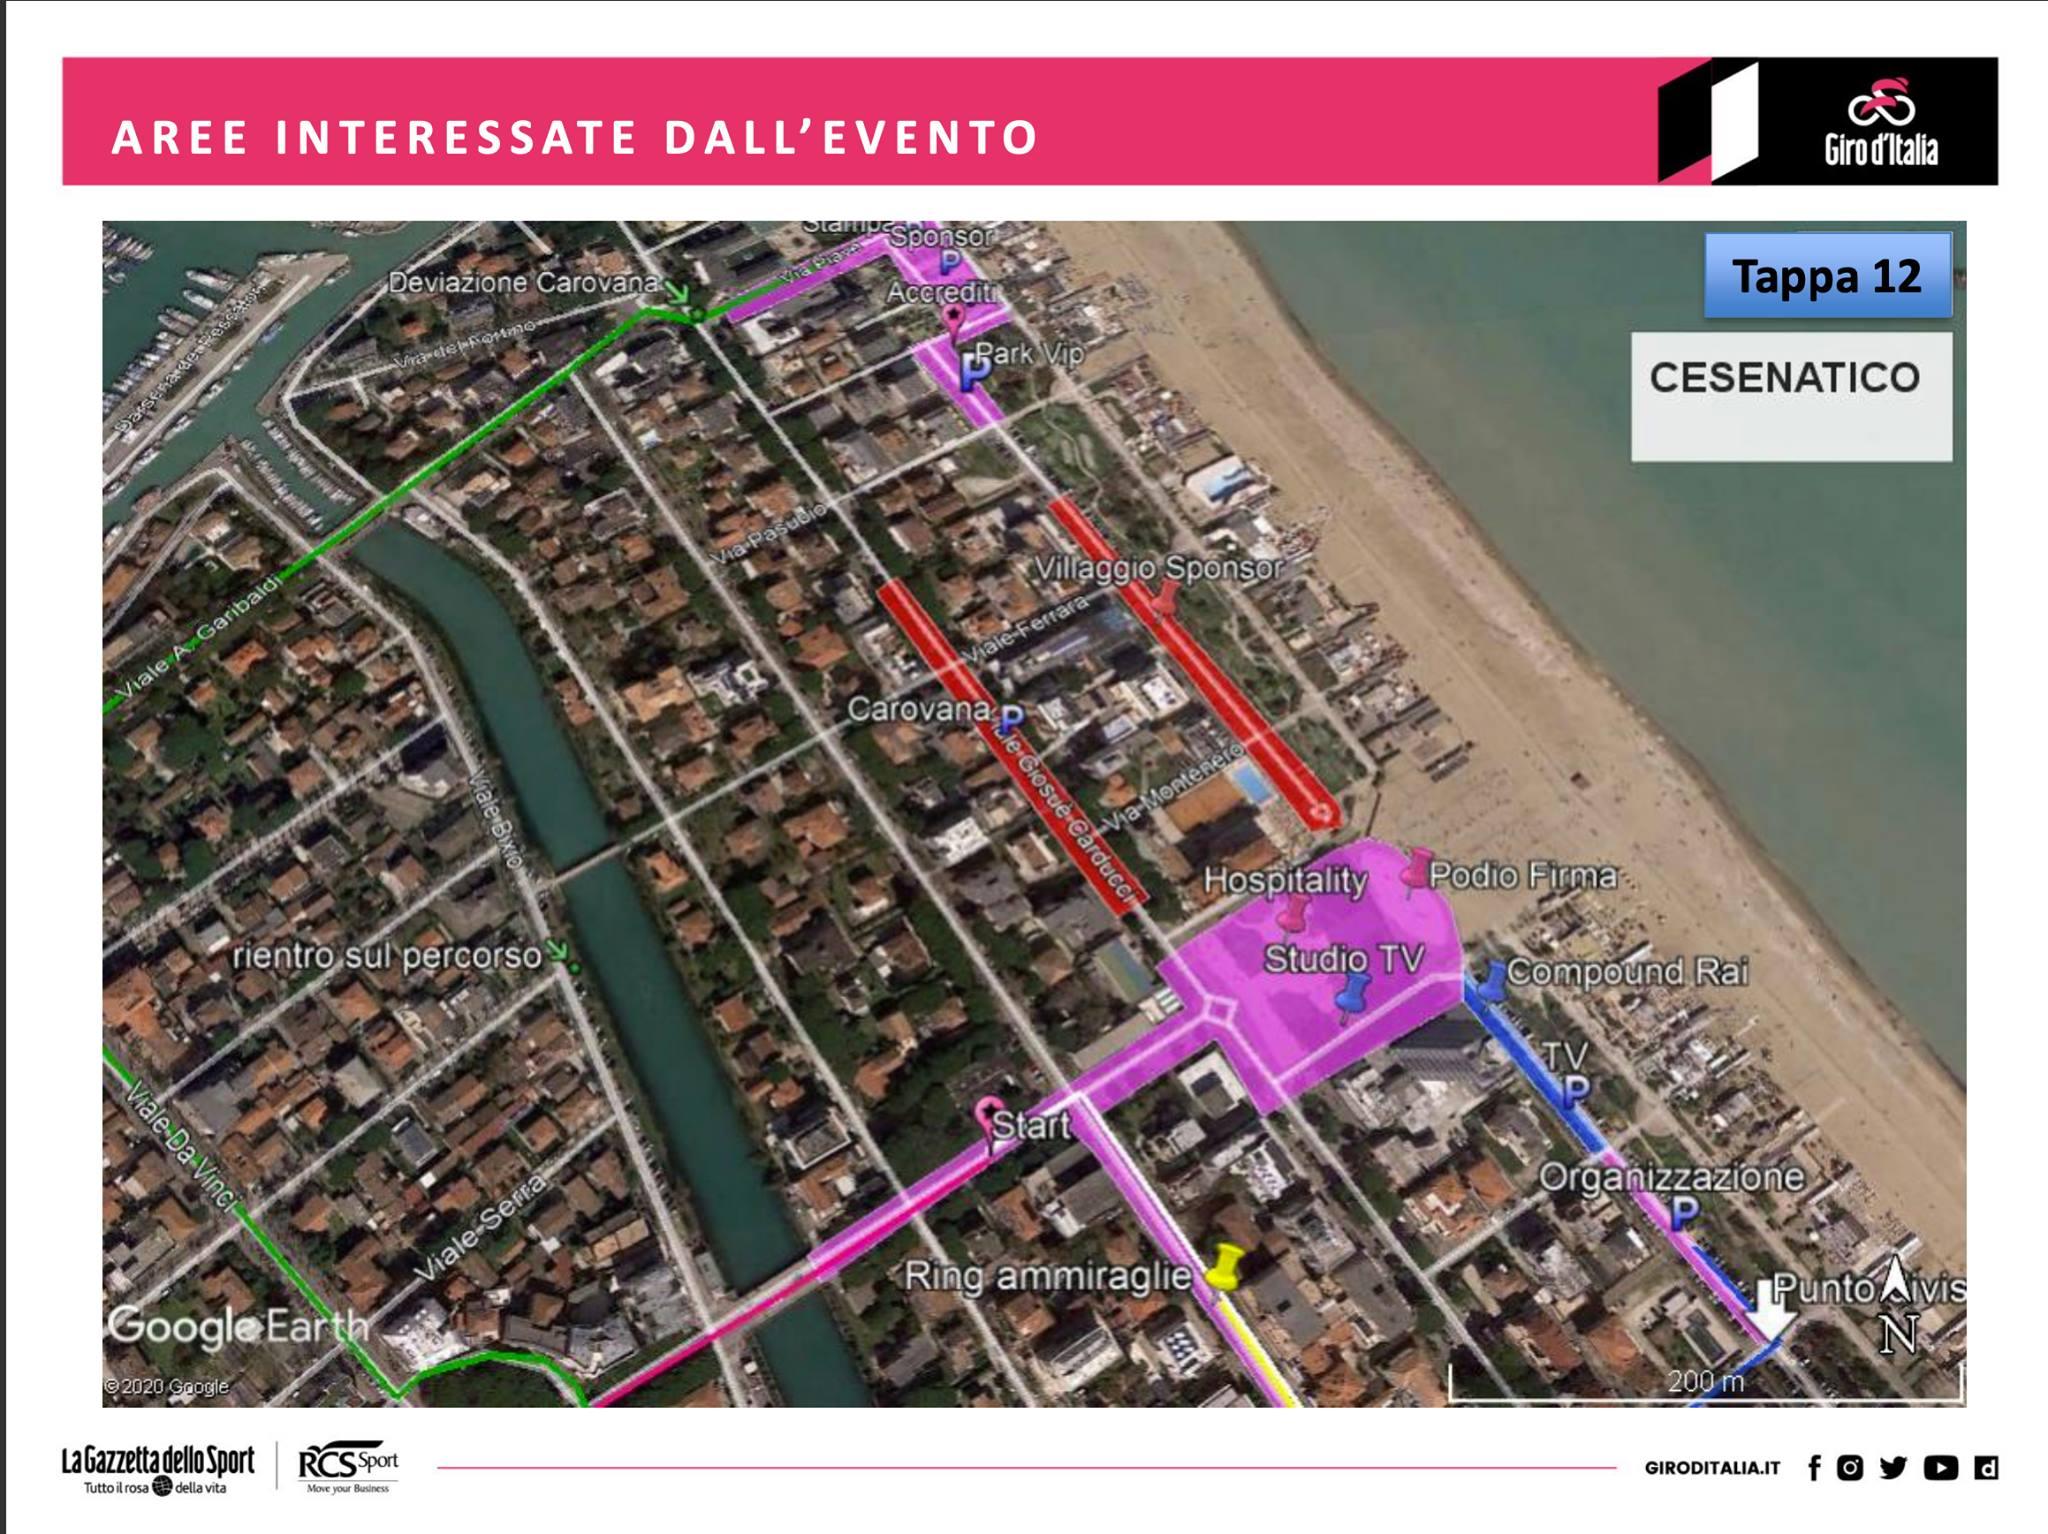 Giro d'Italia, le modifiche alla viabilità a Cesenatico